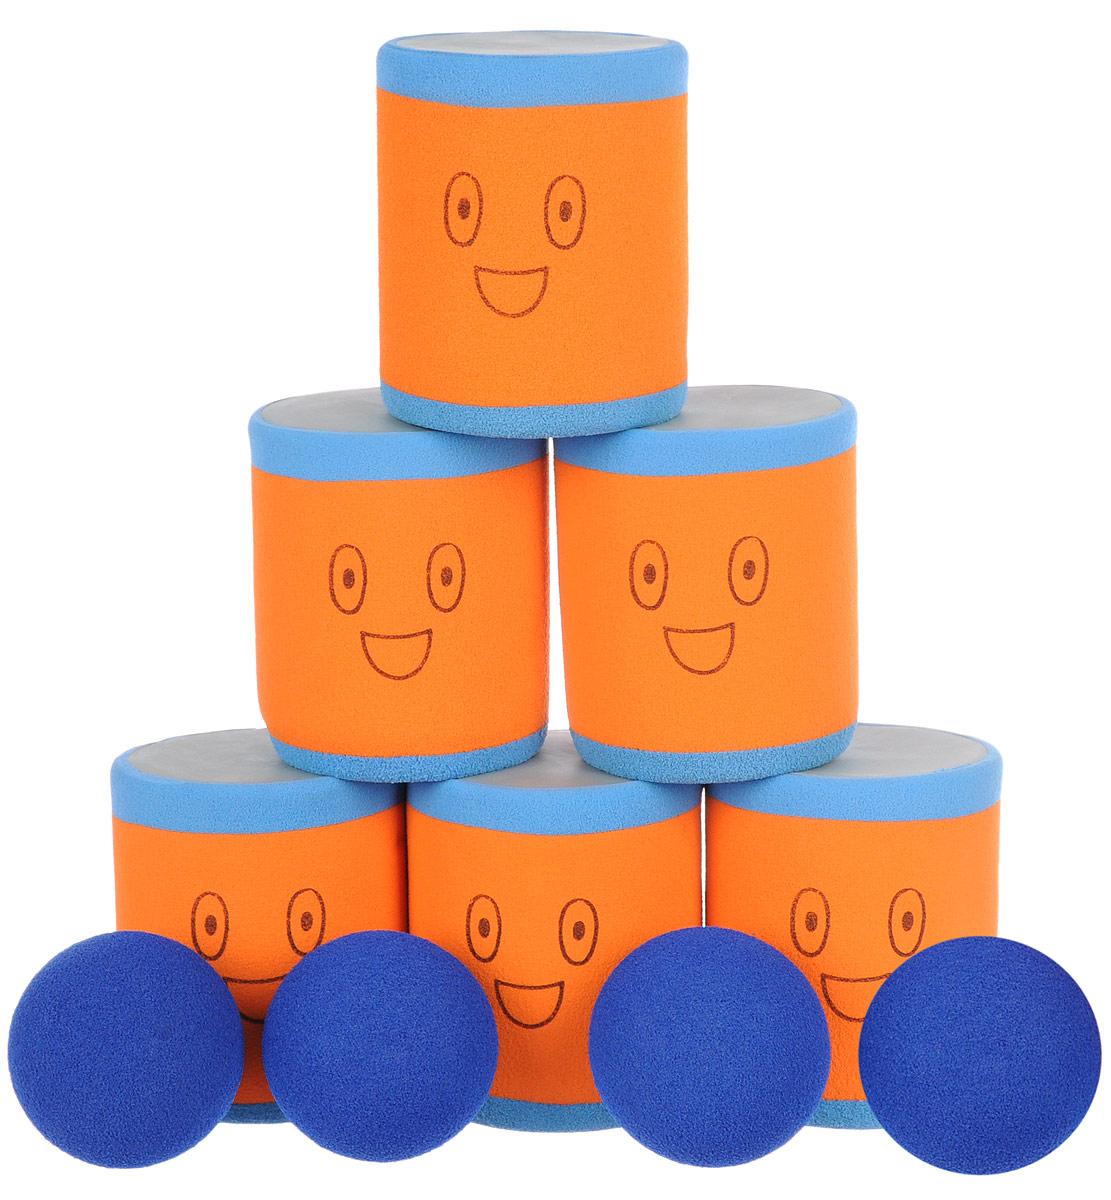 Safsof Игровой набор Городки цвет голубой оранжевый синий